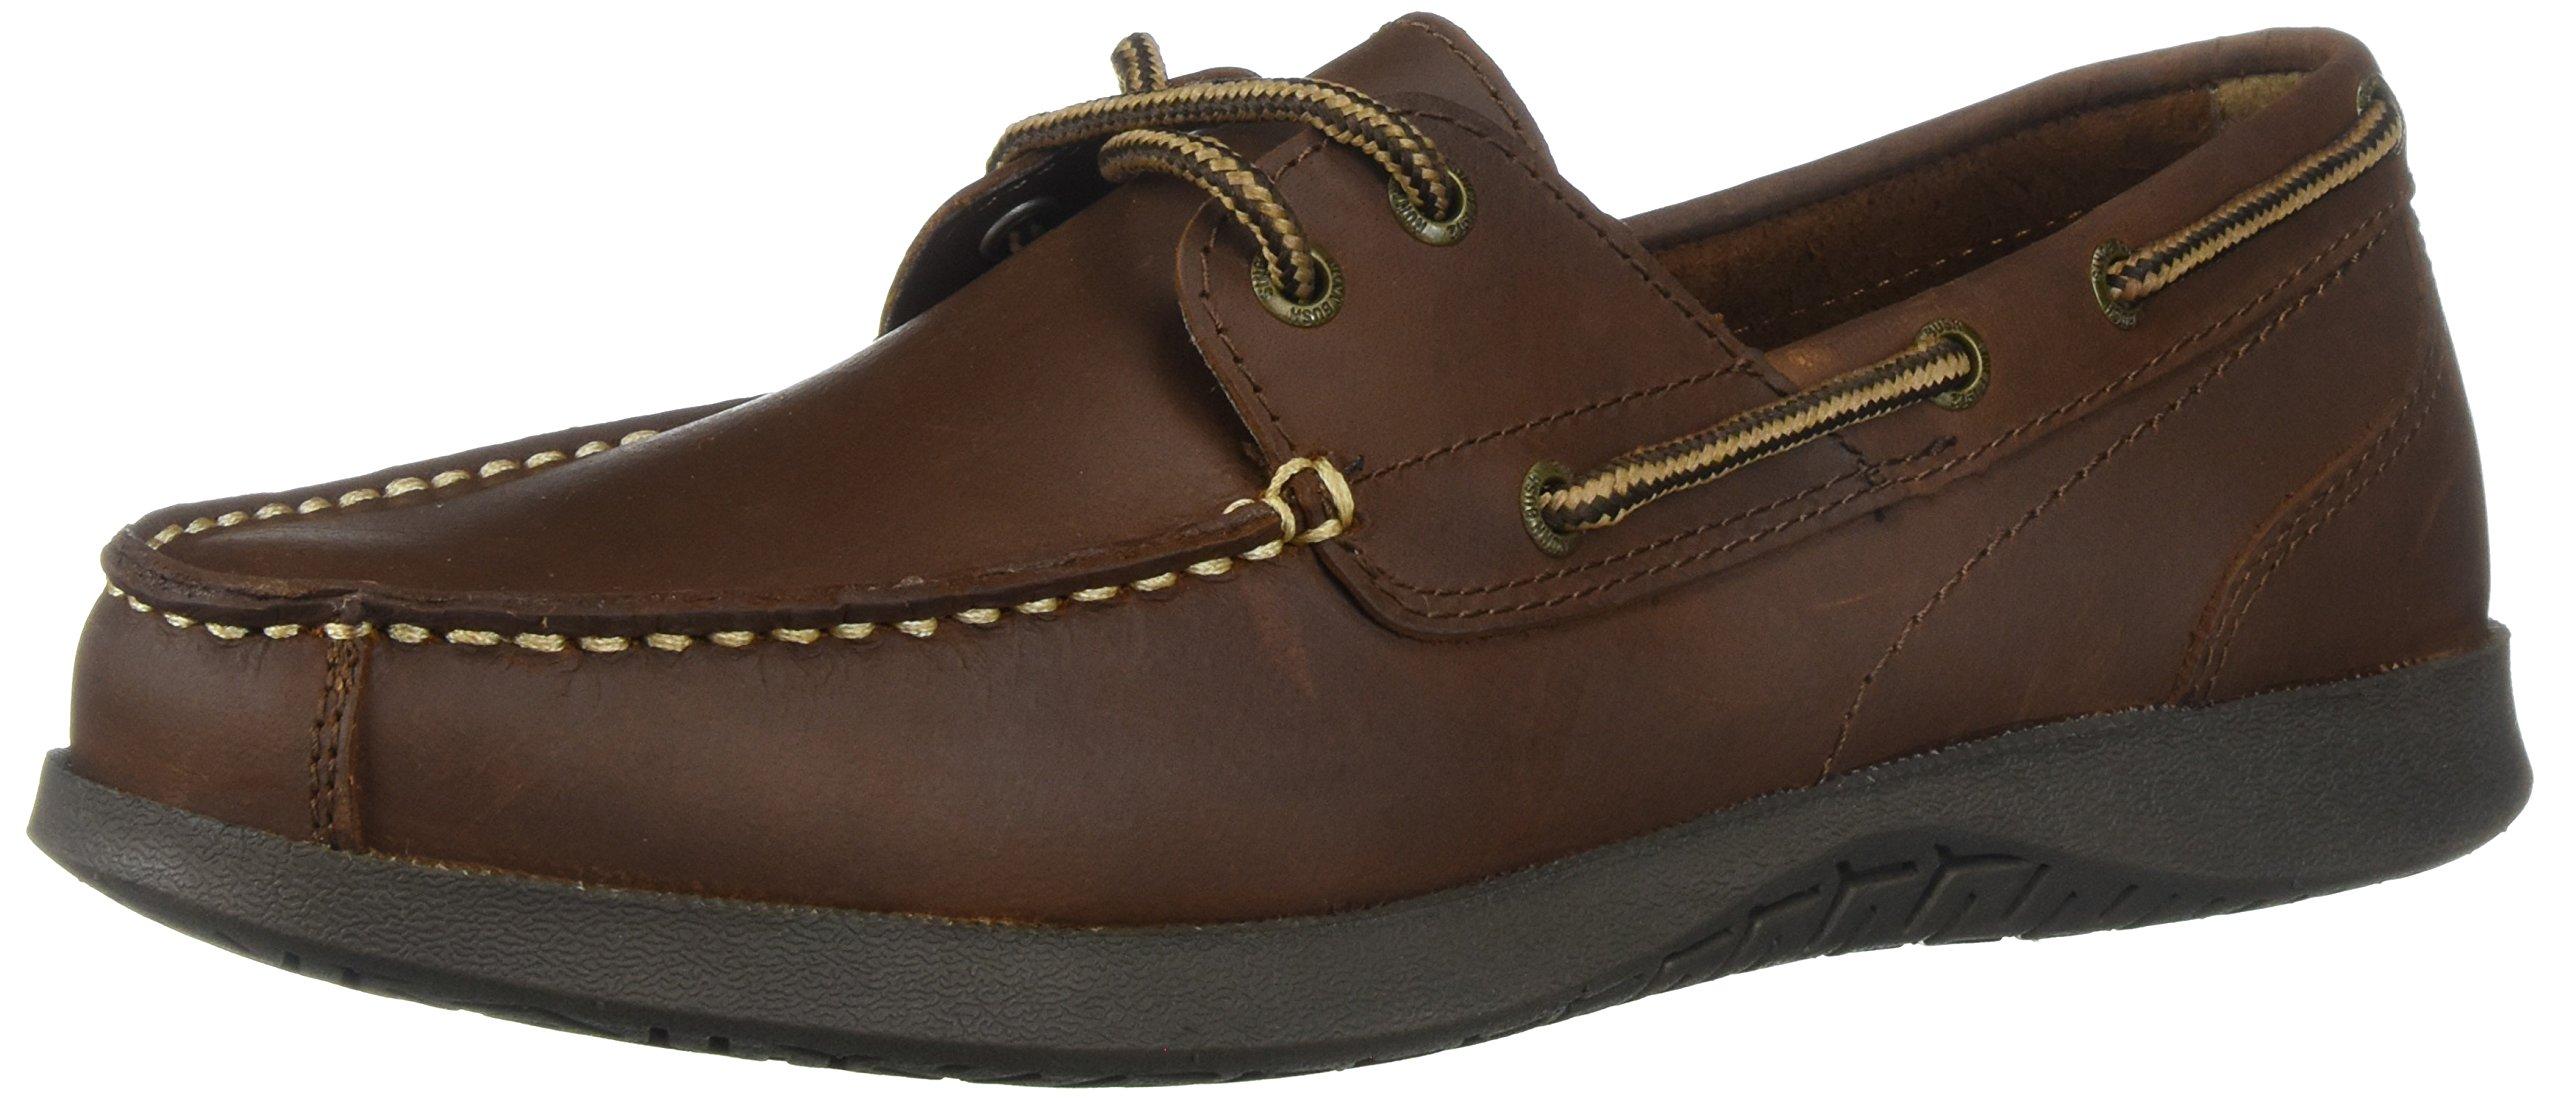 Nunn Bush Men's Bayside Two-Eye Boat Shoe, Brown/Brown, 10 Wide US